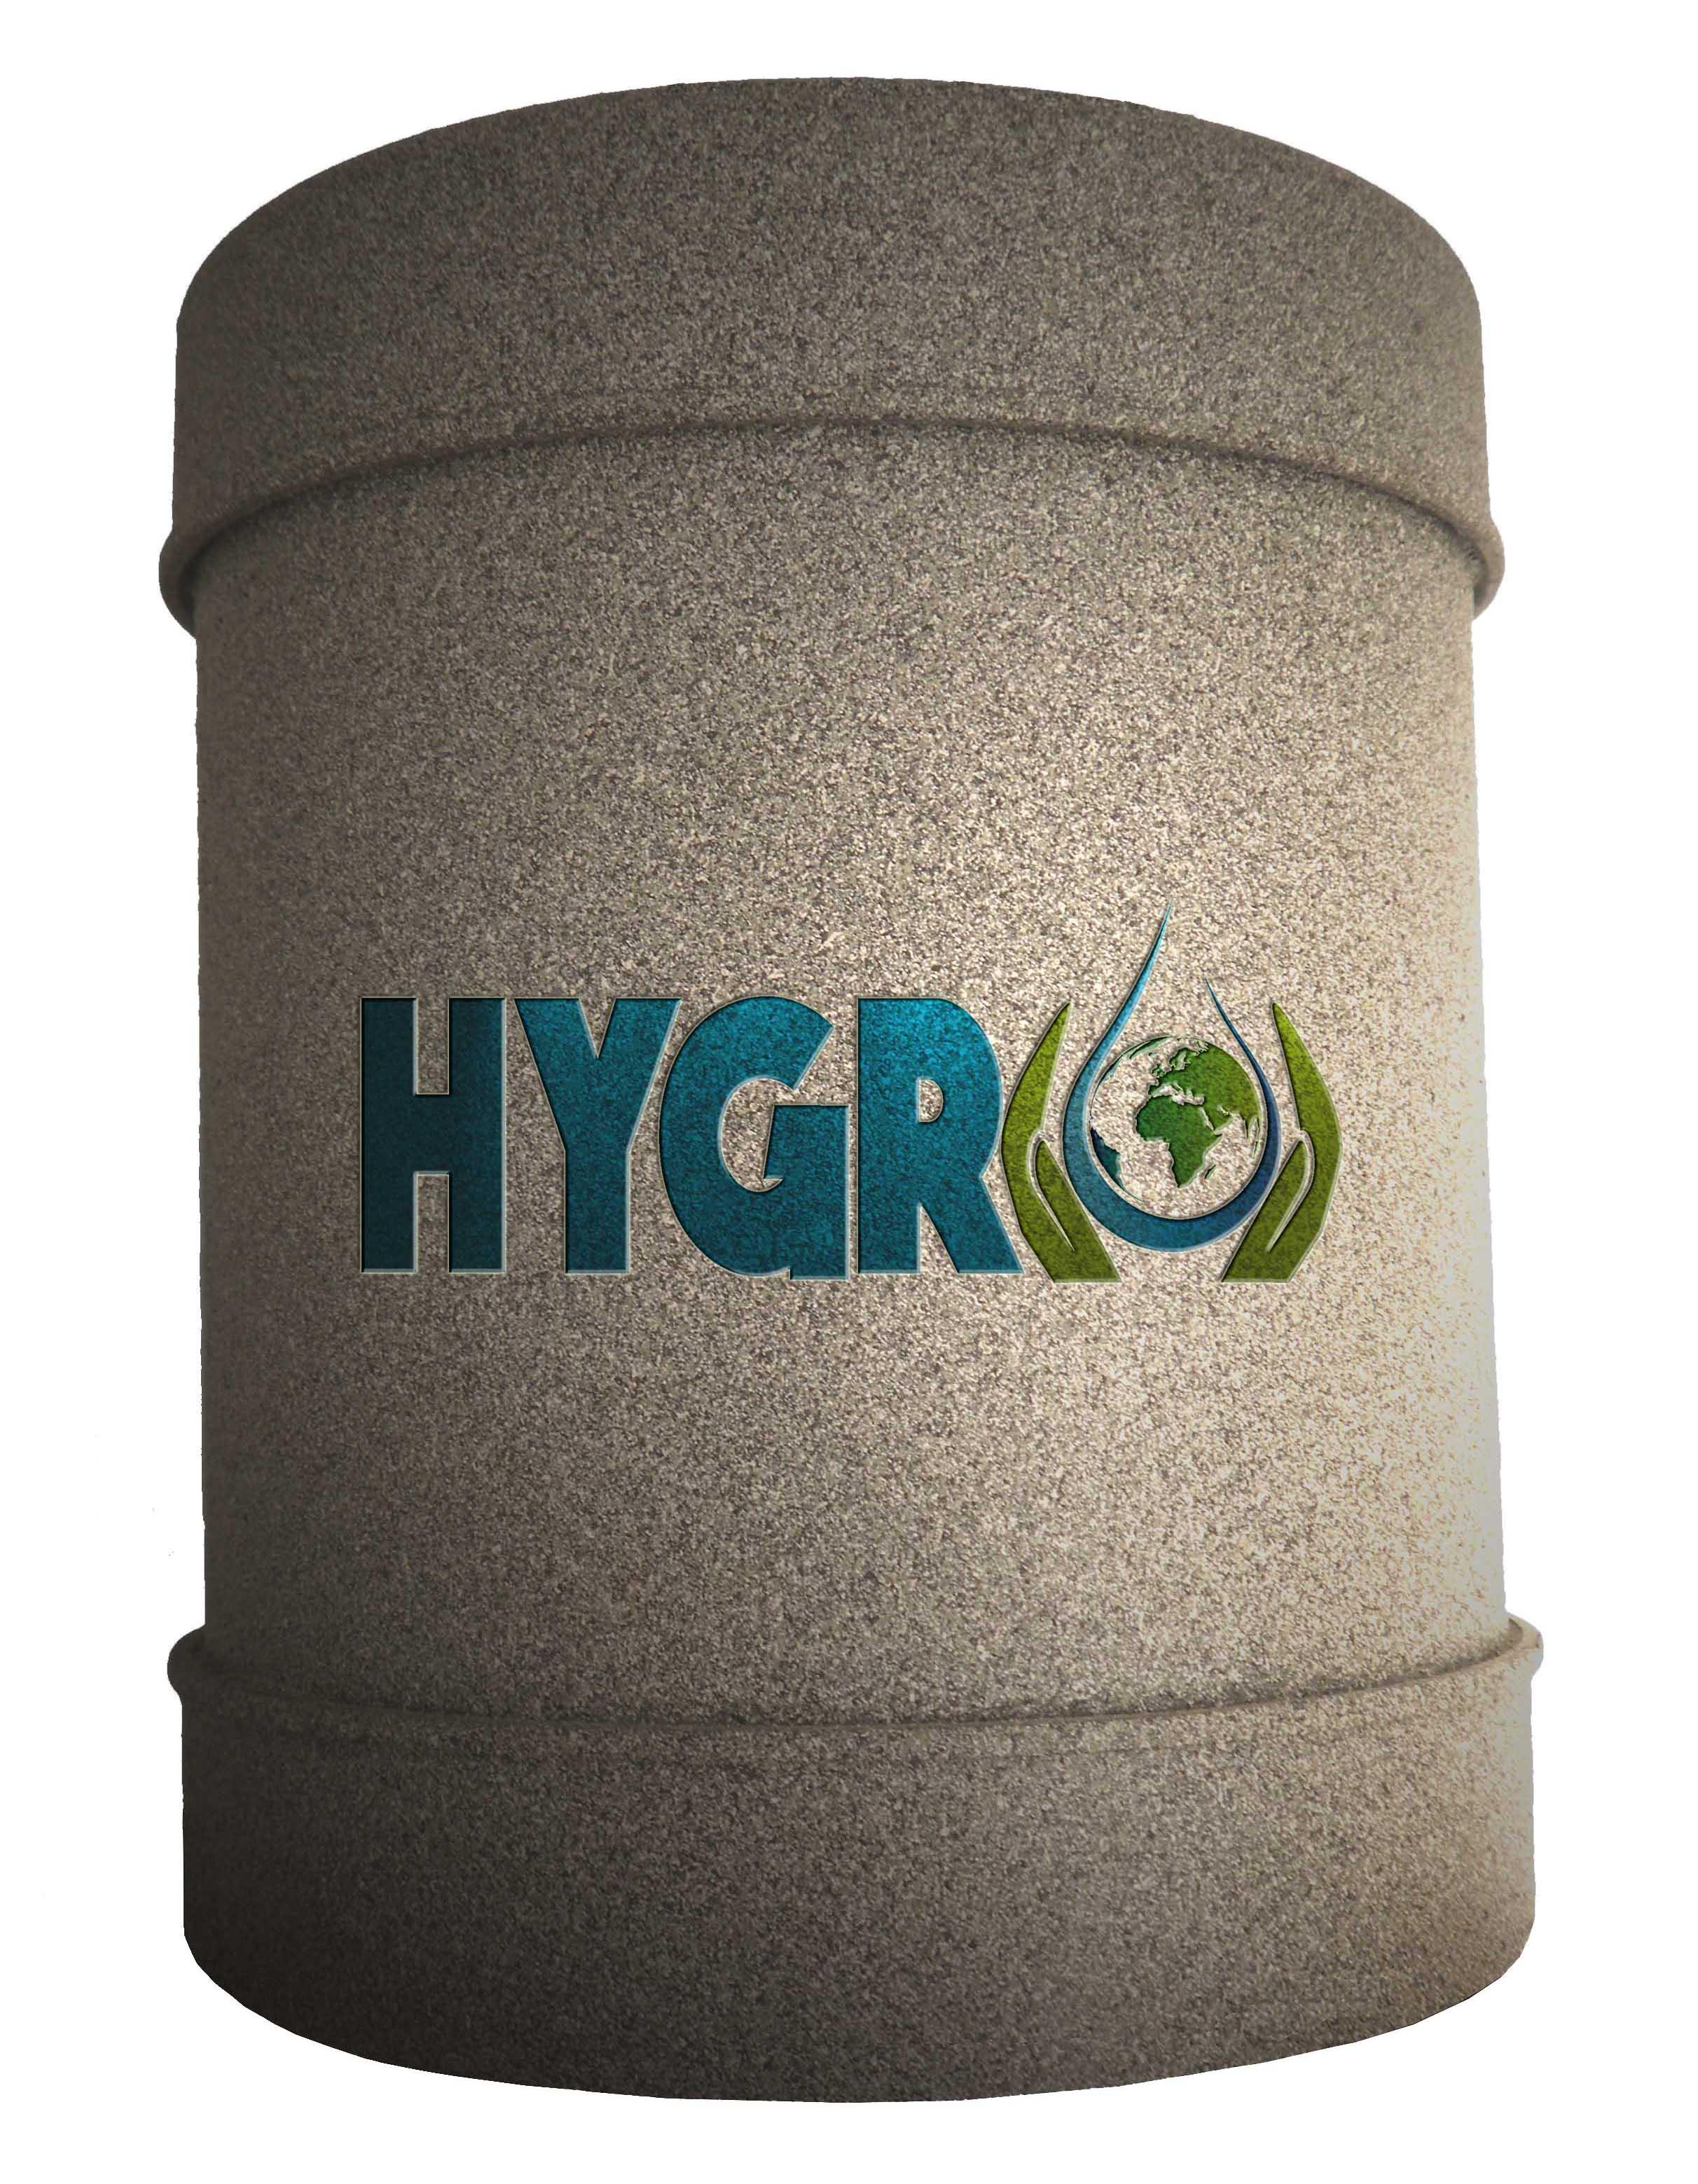 Appareil Magnétique Anti Humidité procédé géomagnétique autonome hygro